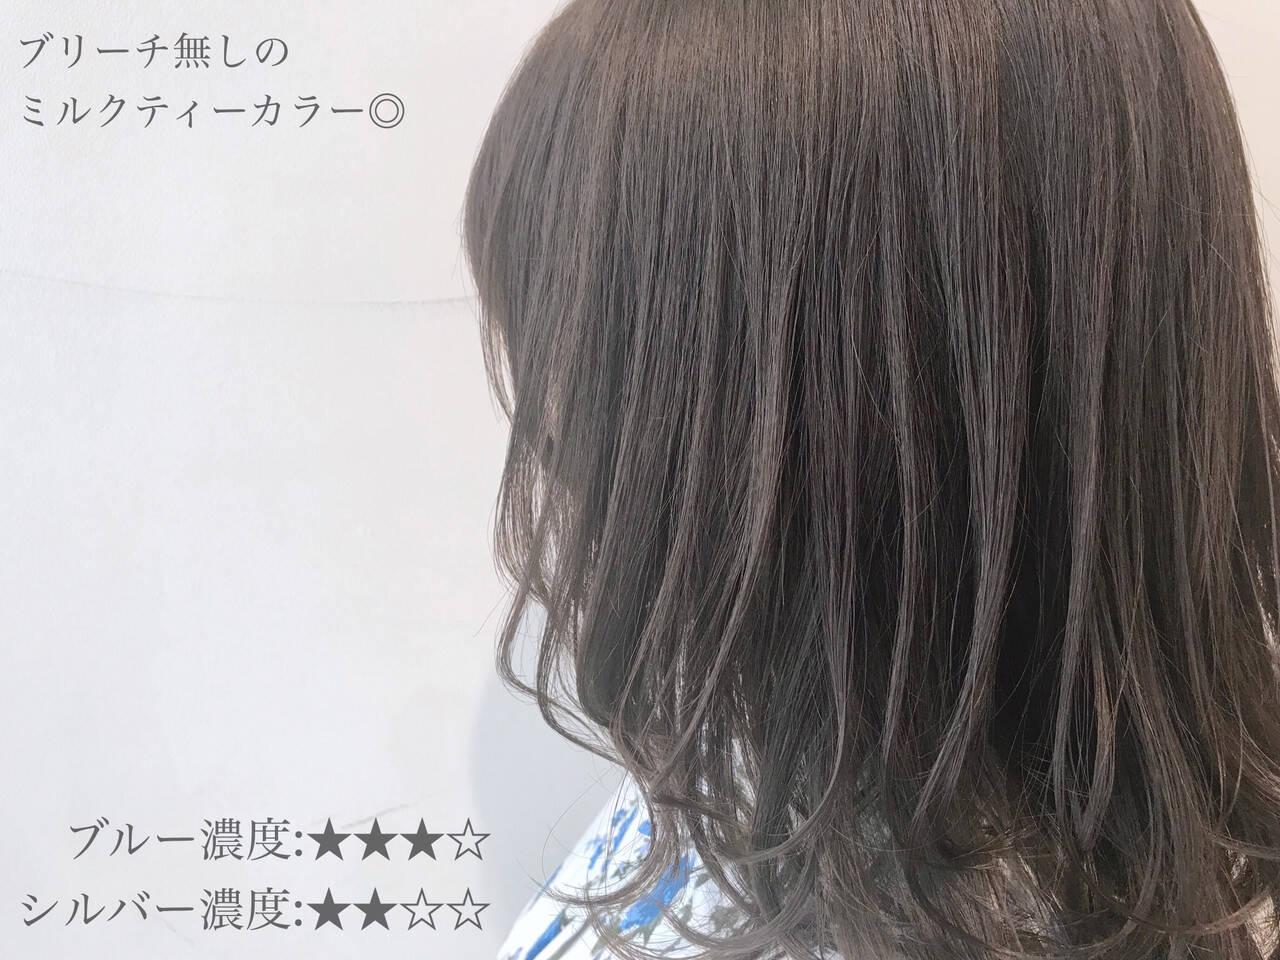 ミルクティーベージュ アンニュイほつれヘア ミルクティーブラウン ミルクティーアッシュヘアスタイルや髪型の写真・画像